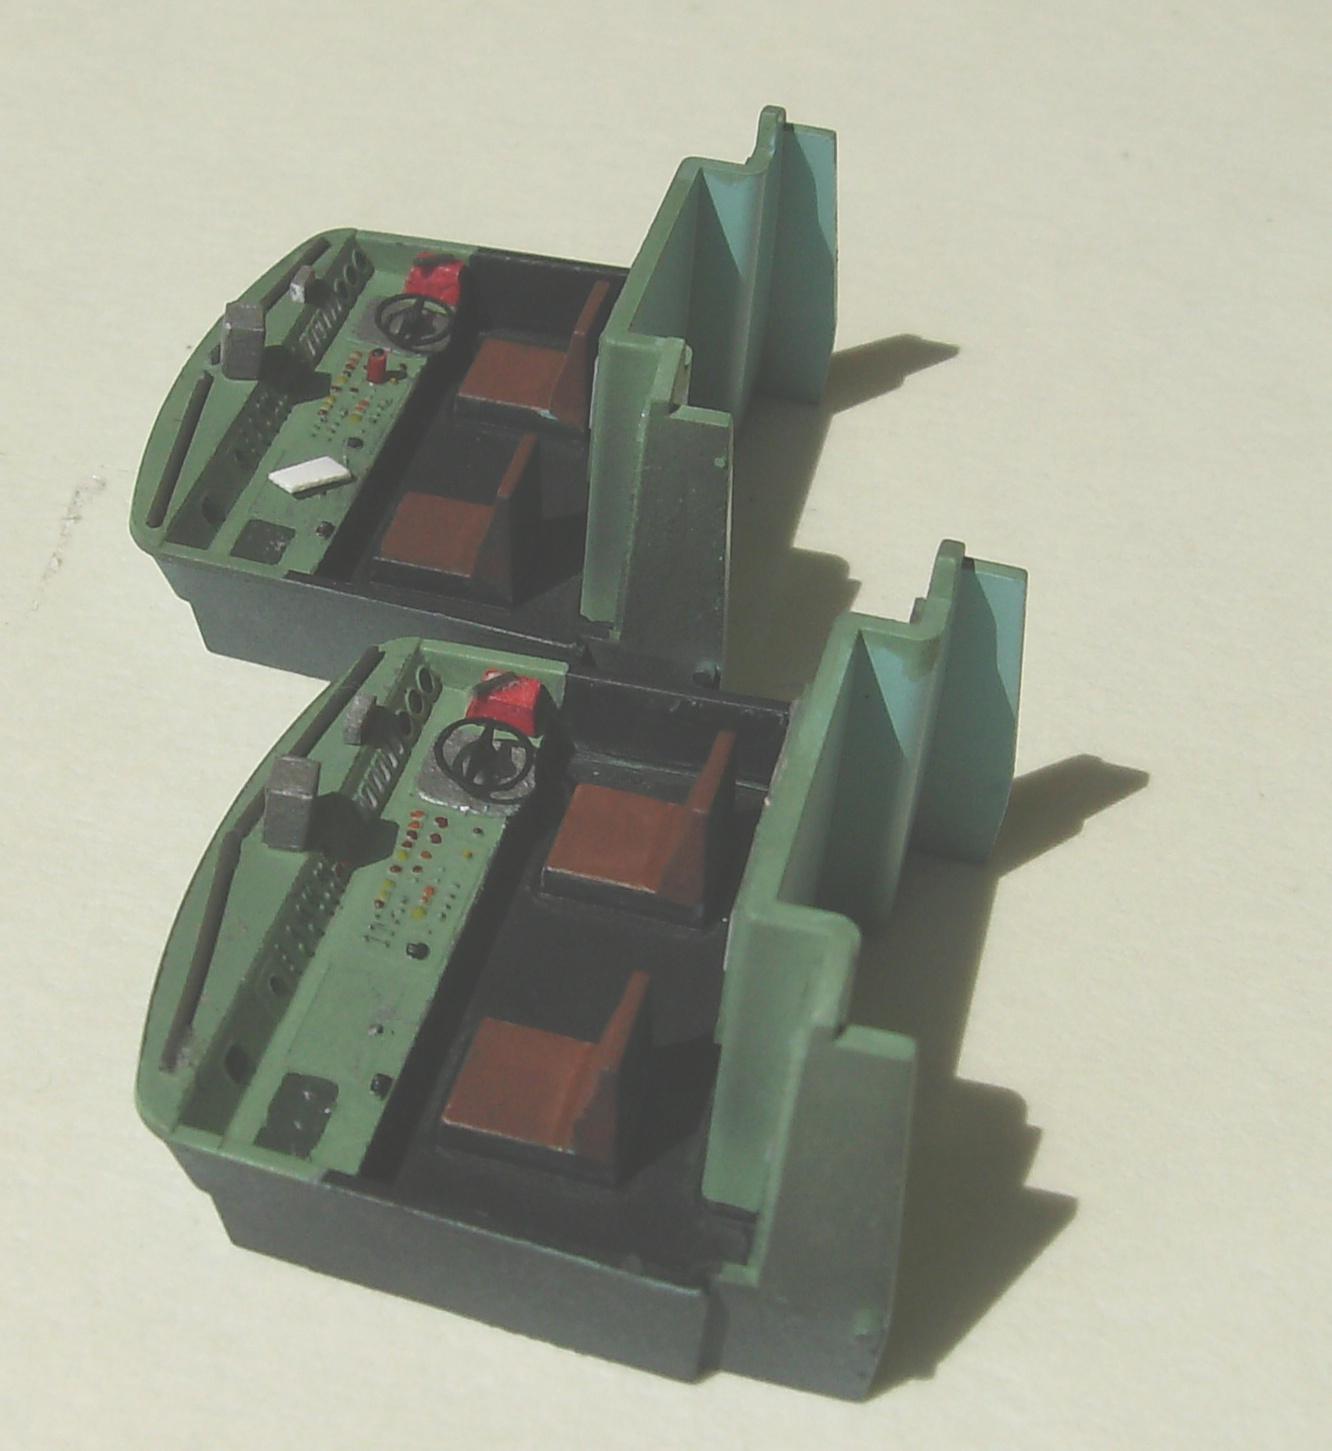 HPIM9181.JPG